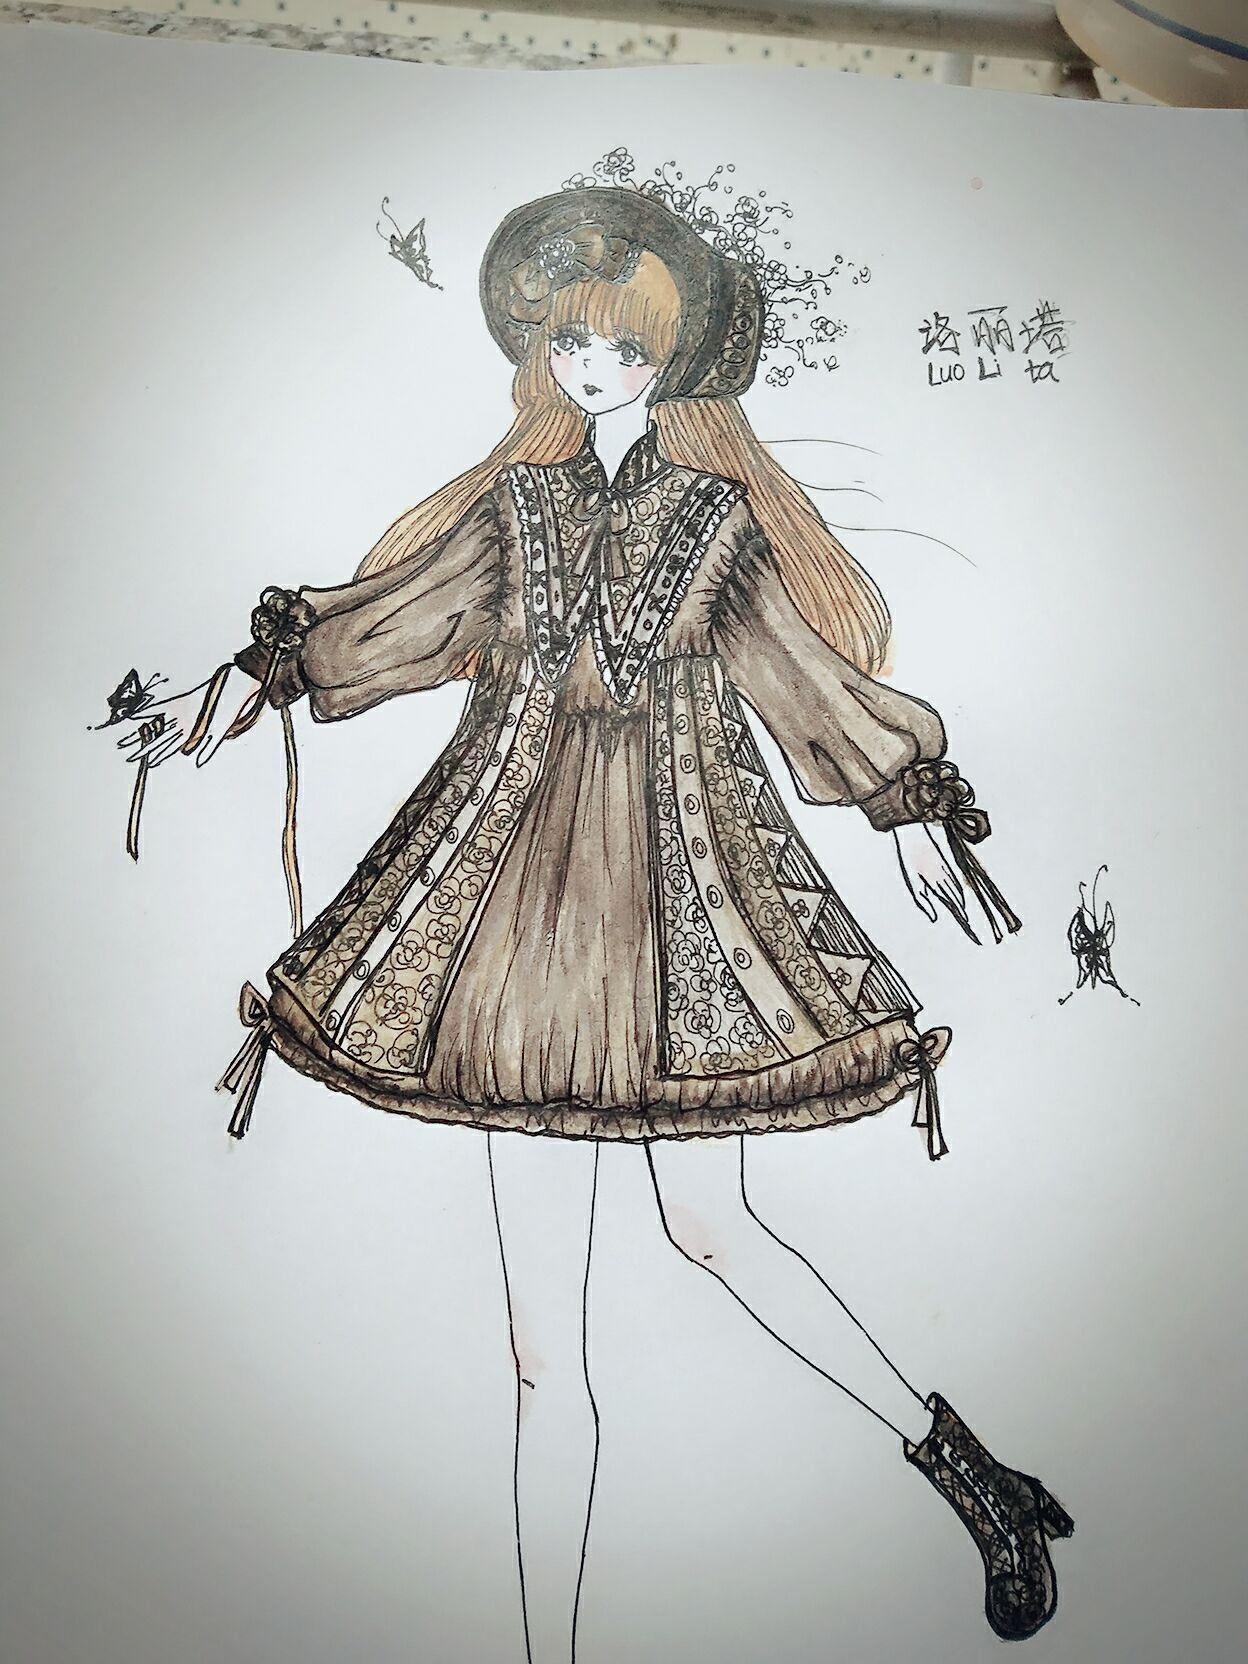 原创手绘洛丽塔